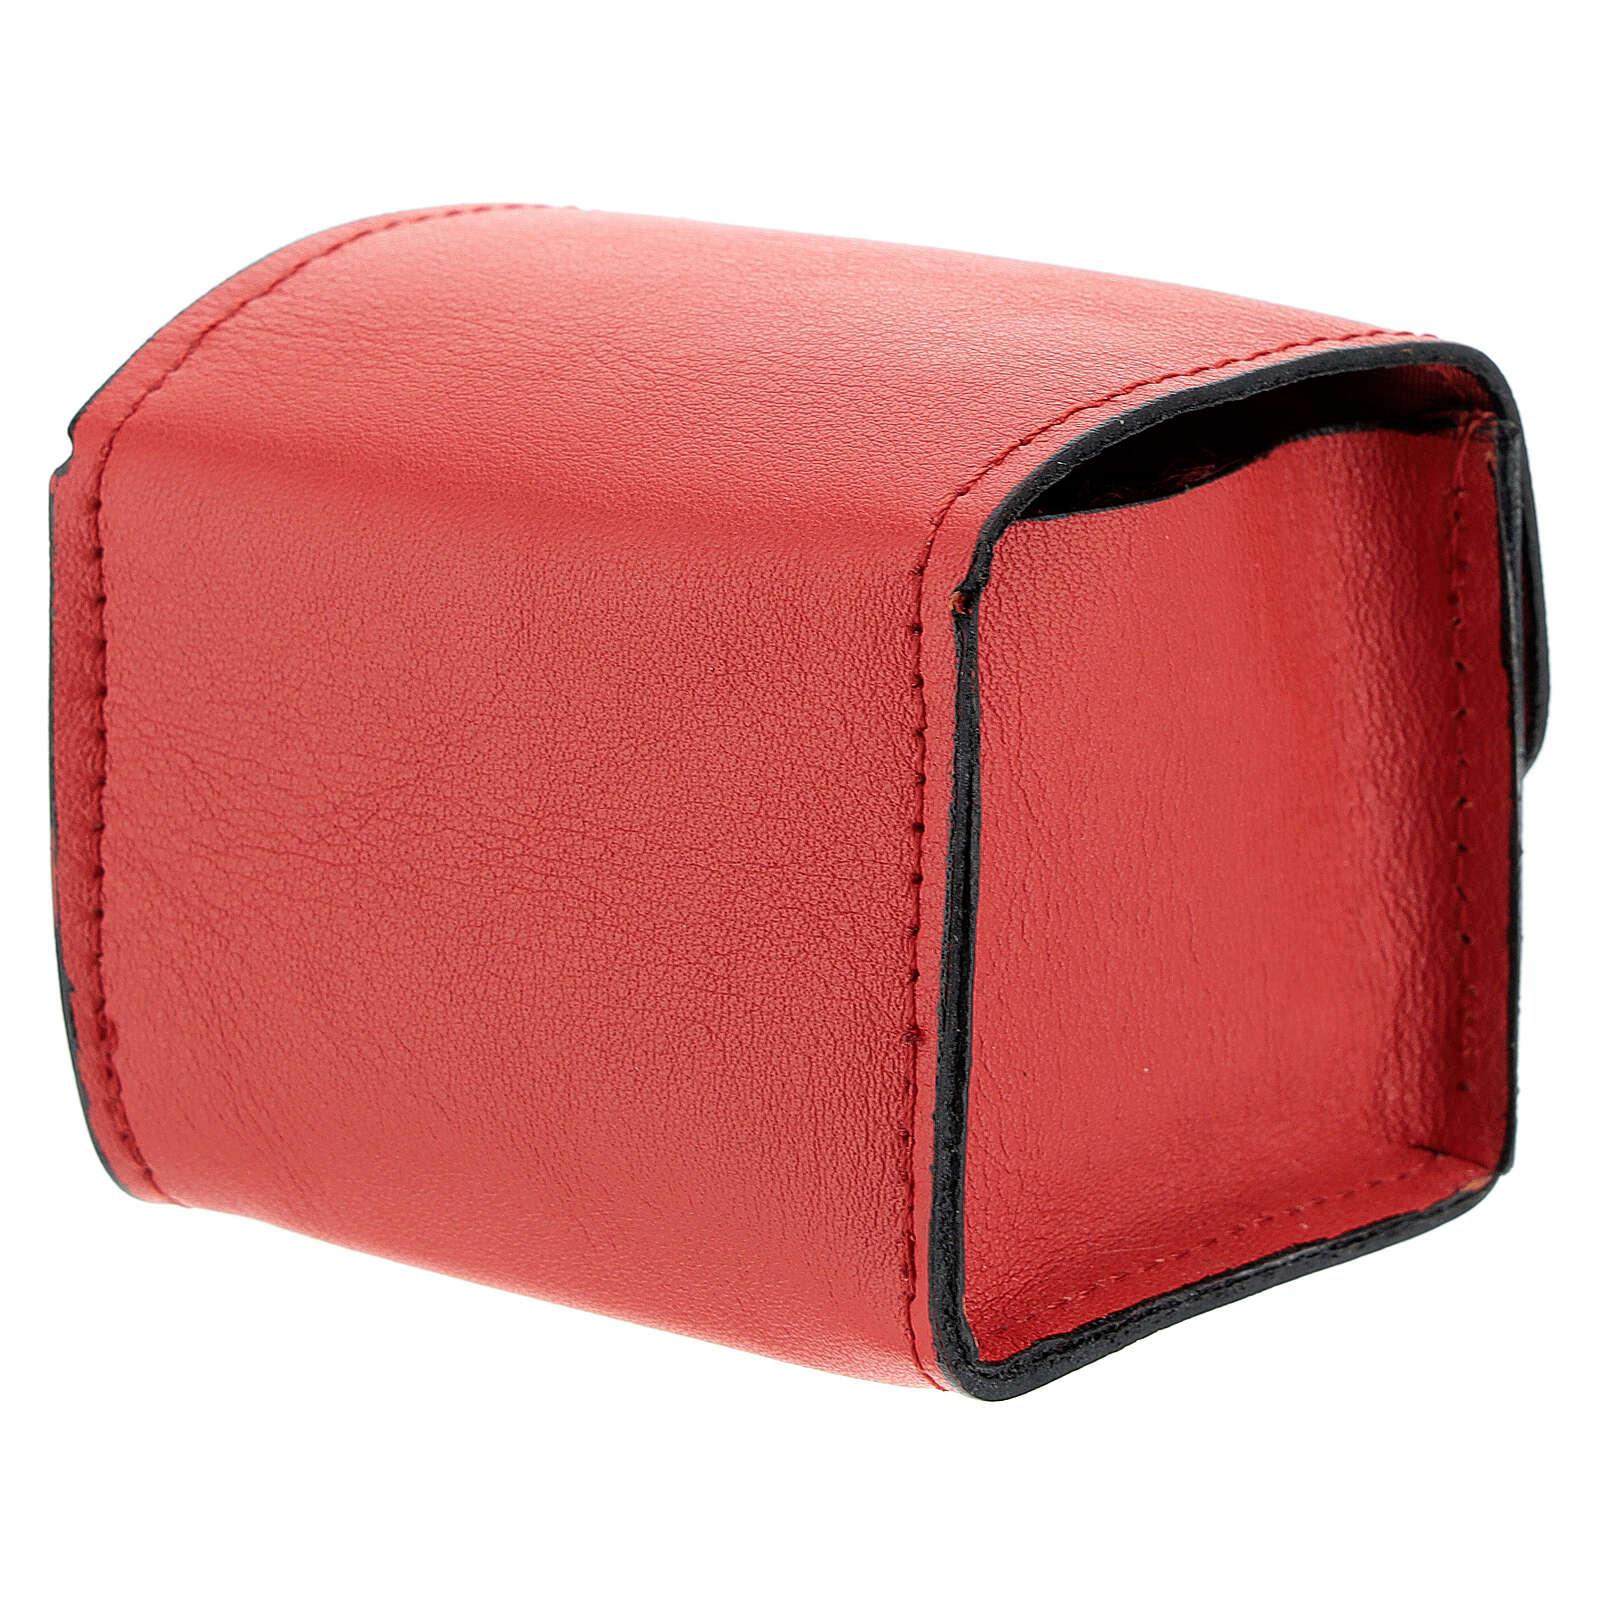 Étui rigide pour vase Huiles Saintes en cuir véritable rouge 3